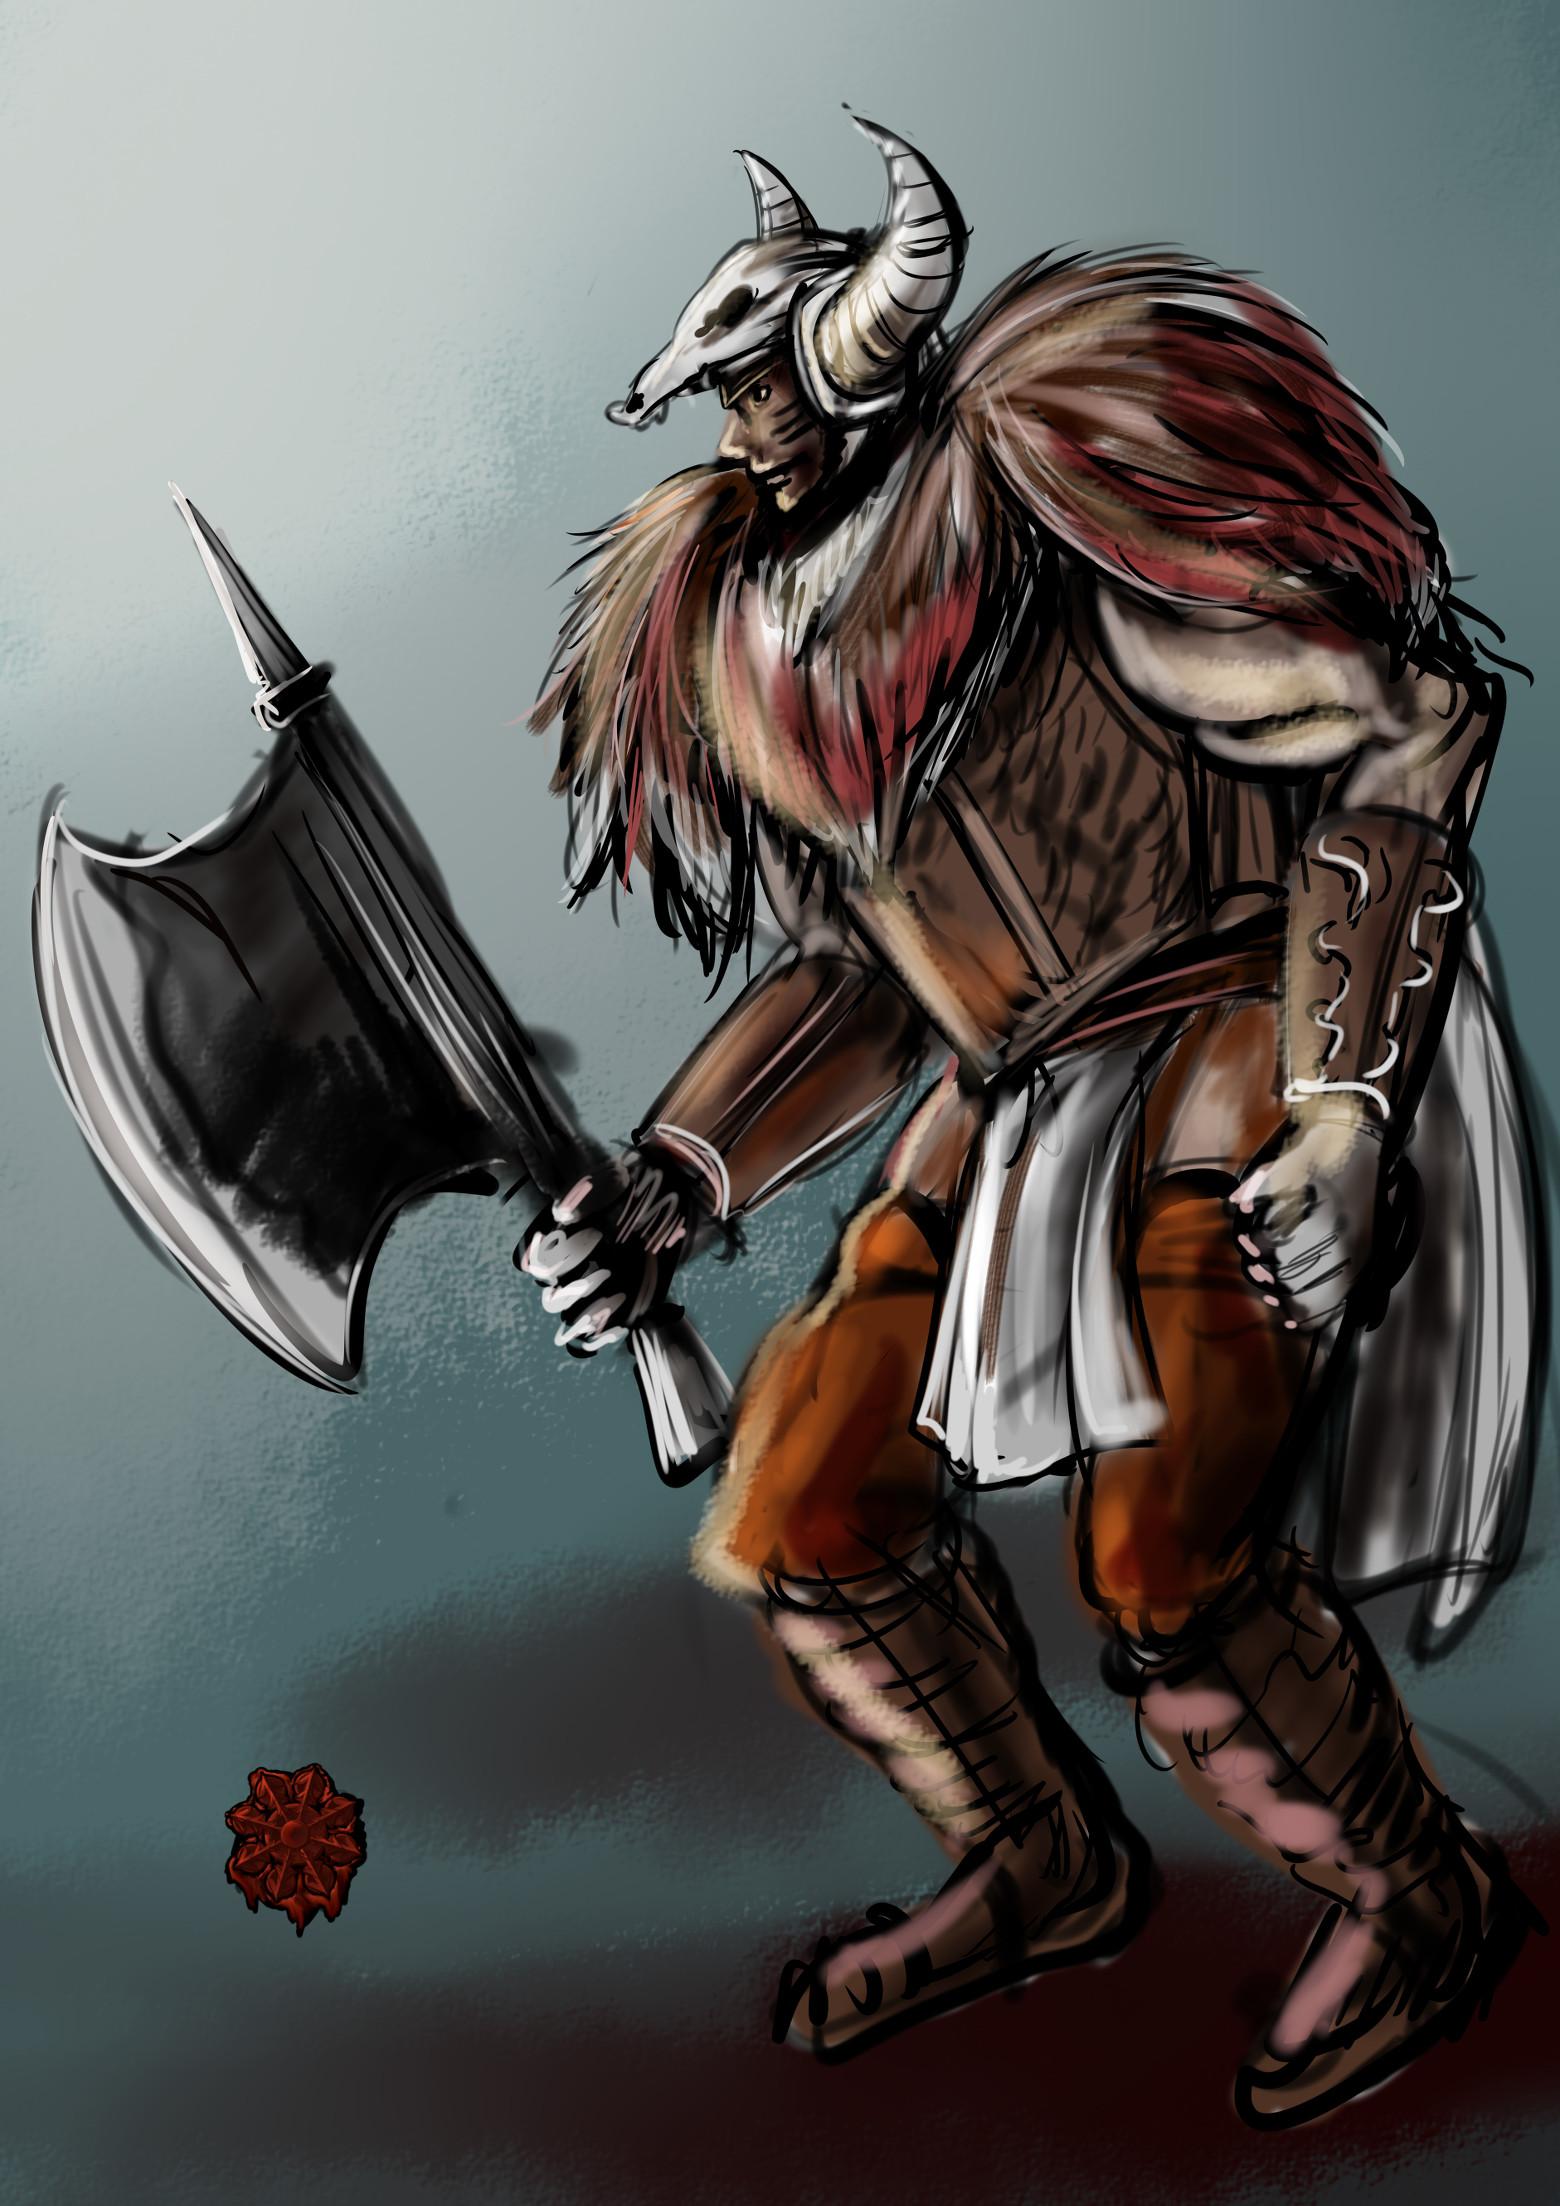 野蛮人戦士男